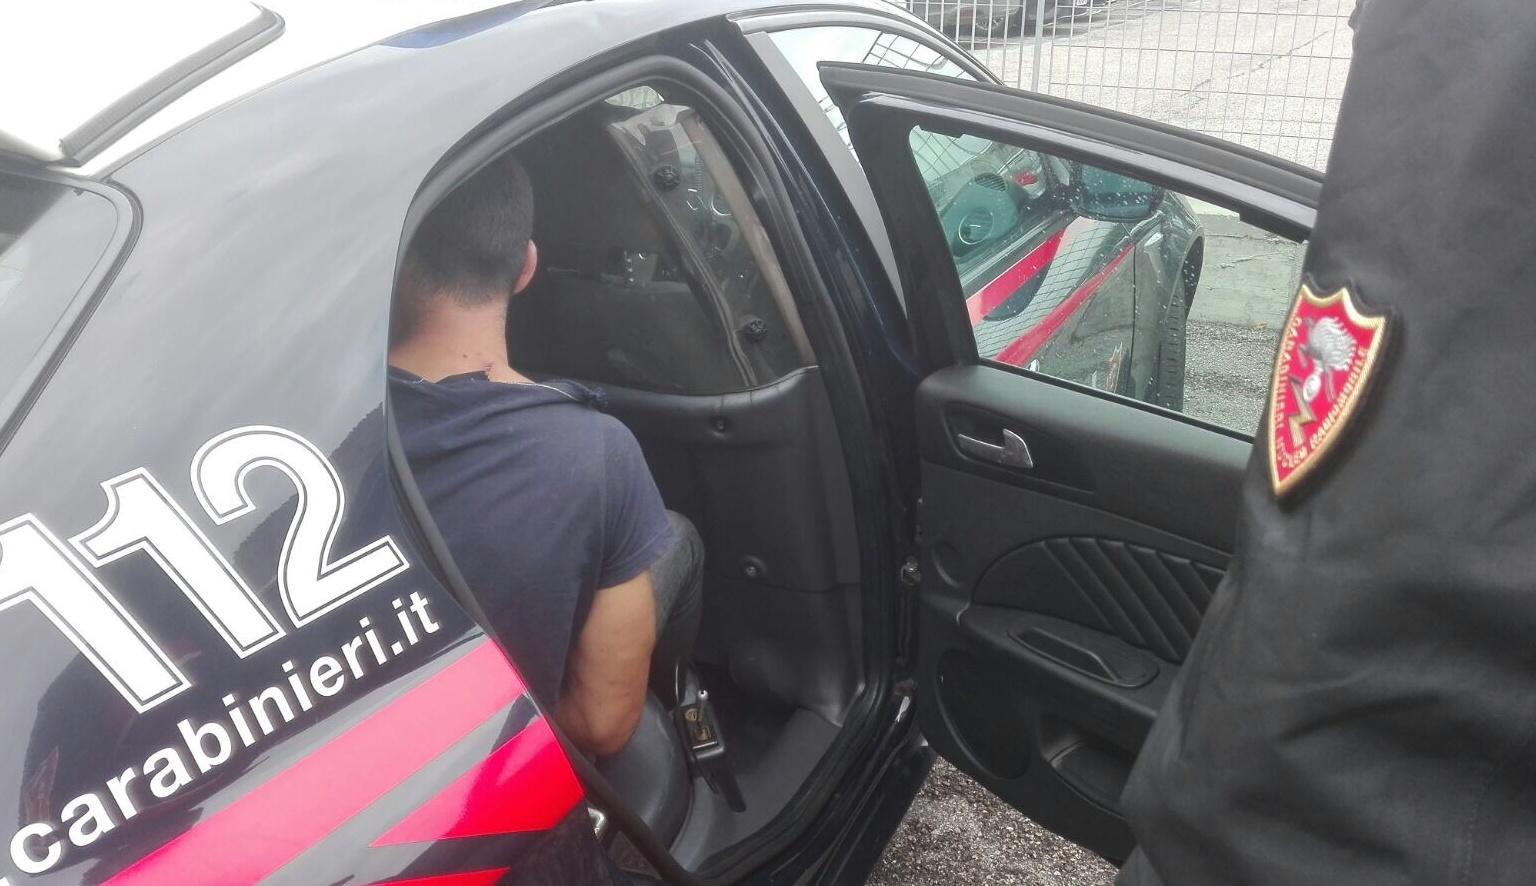 Puglia, giovane ha un raptus di rabbia e distrugge diverse auto in sosta, intervenute 4 auto della polizia